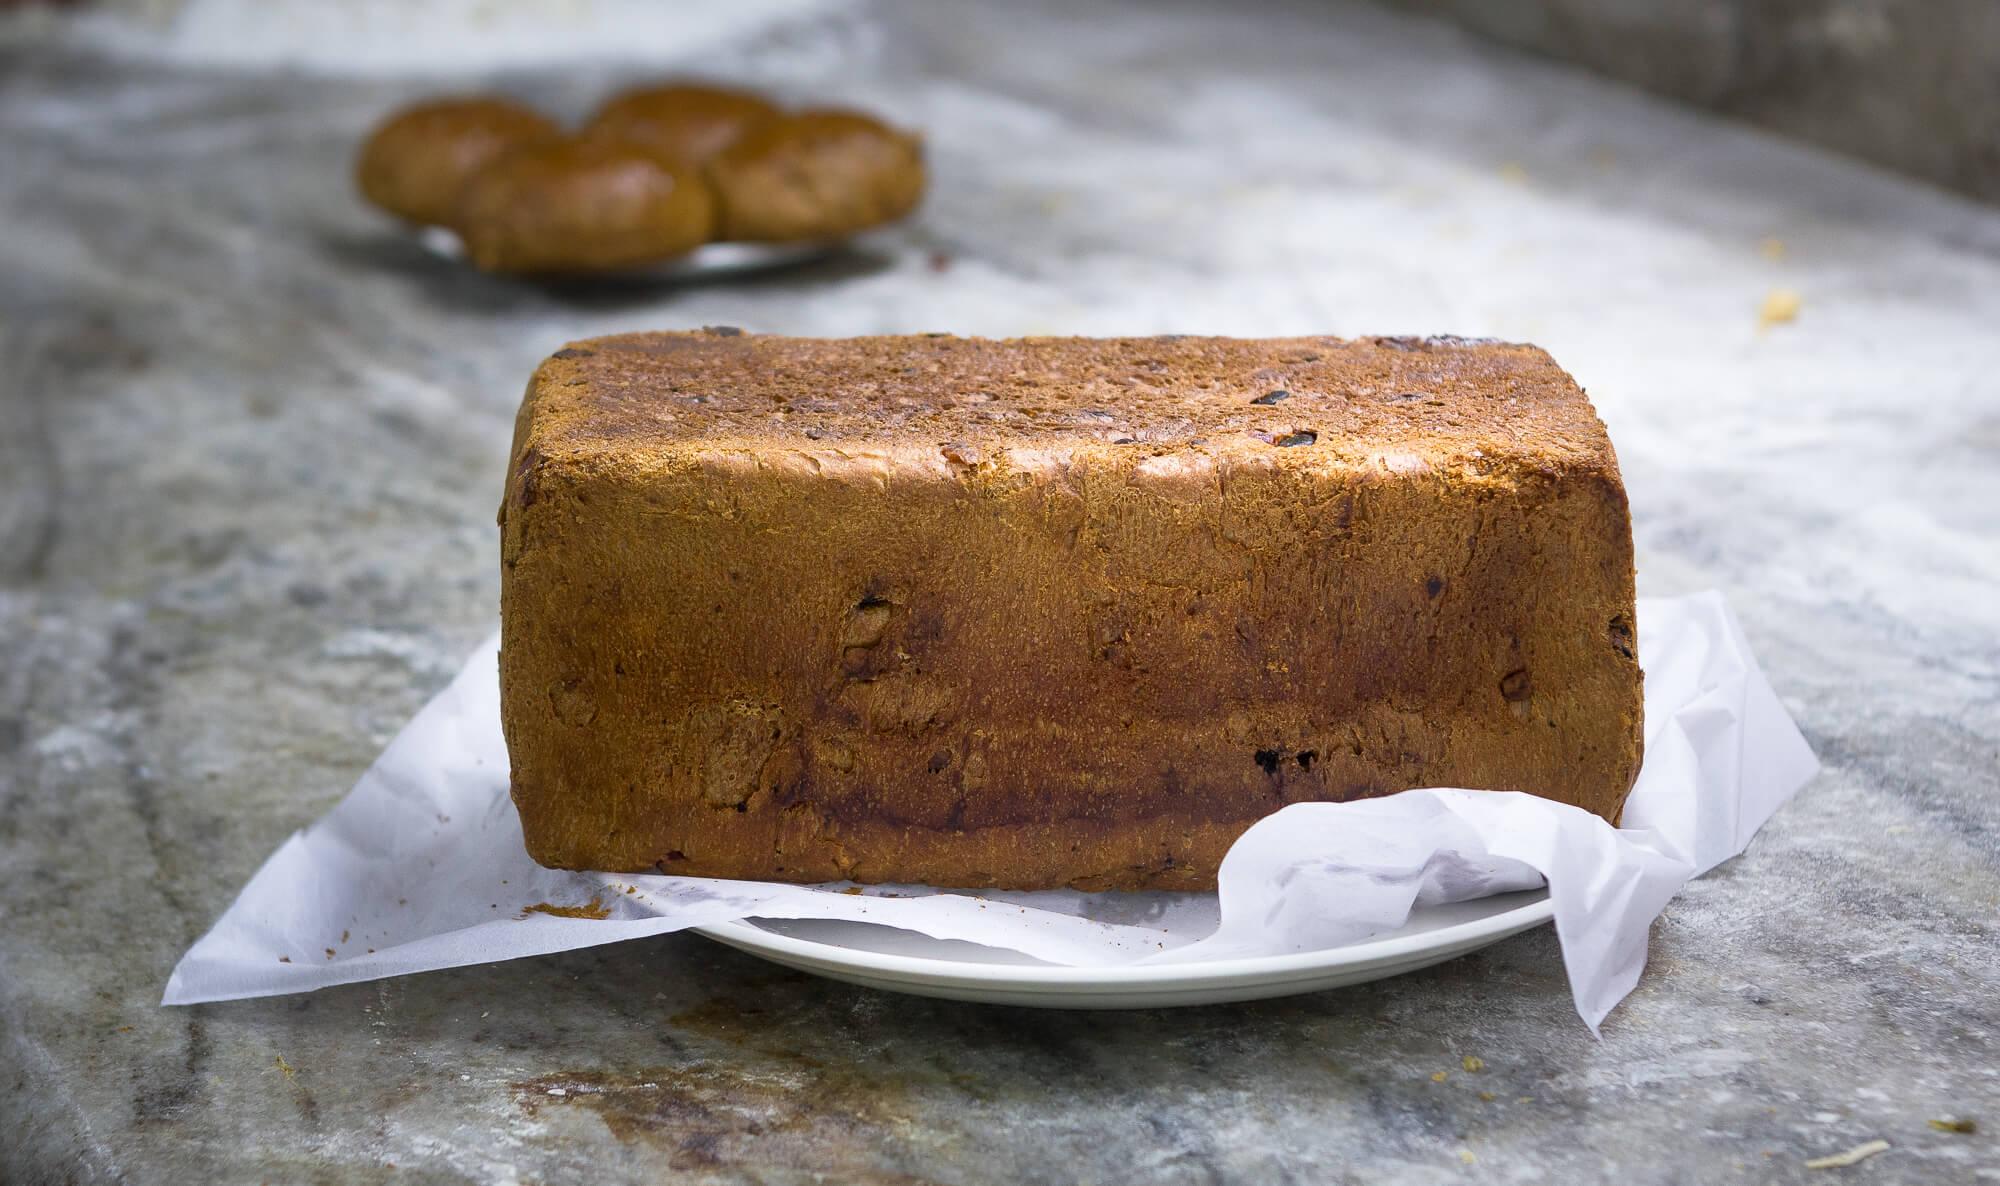 BREUDHER - PŘÍBĚH HOLANDSKÉHO CHLEBA<br>Bochník breudheru z Quality Bakery na Fort Cochinu.